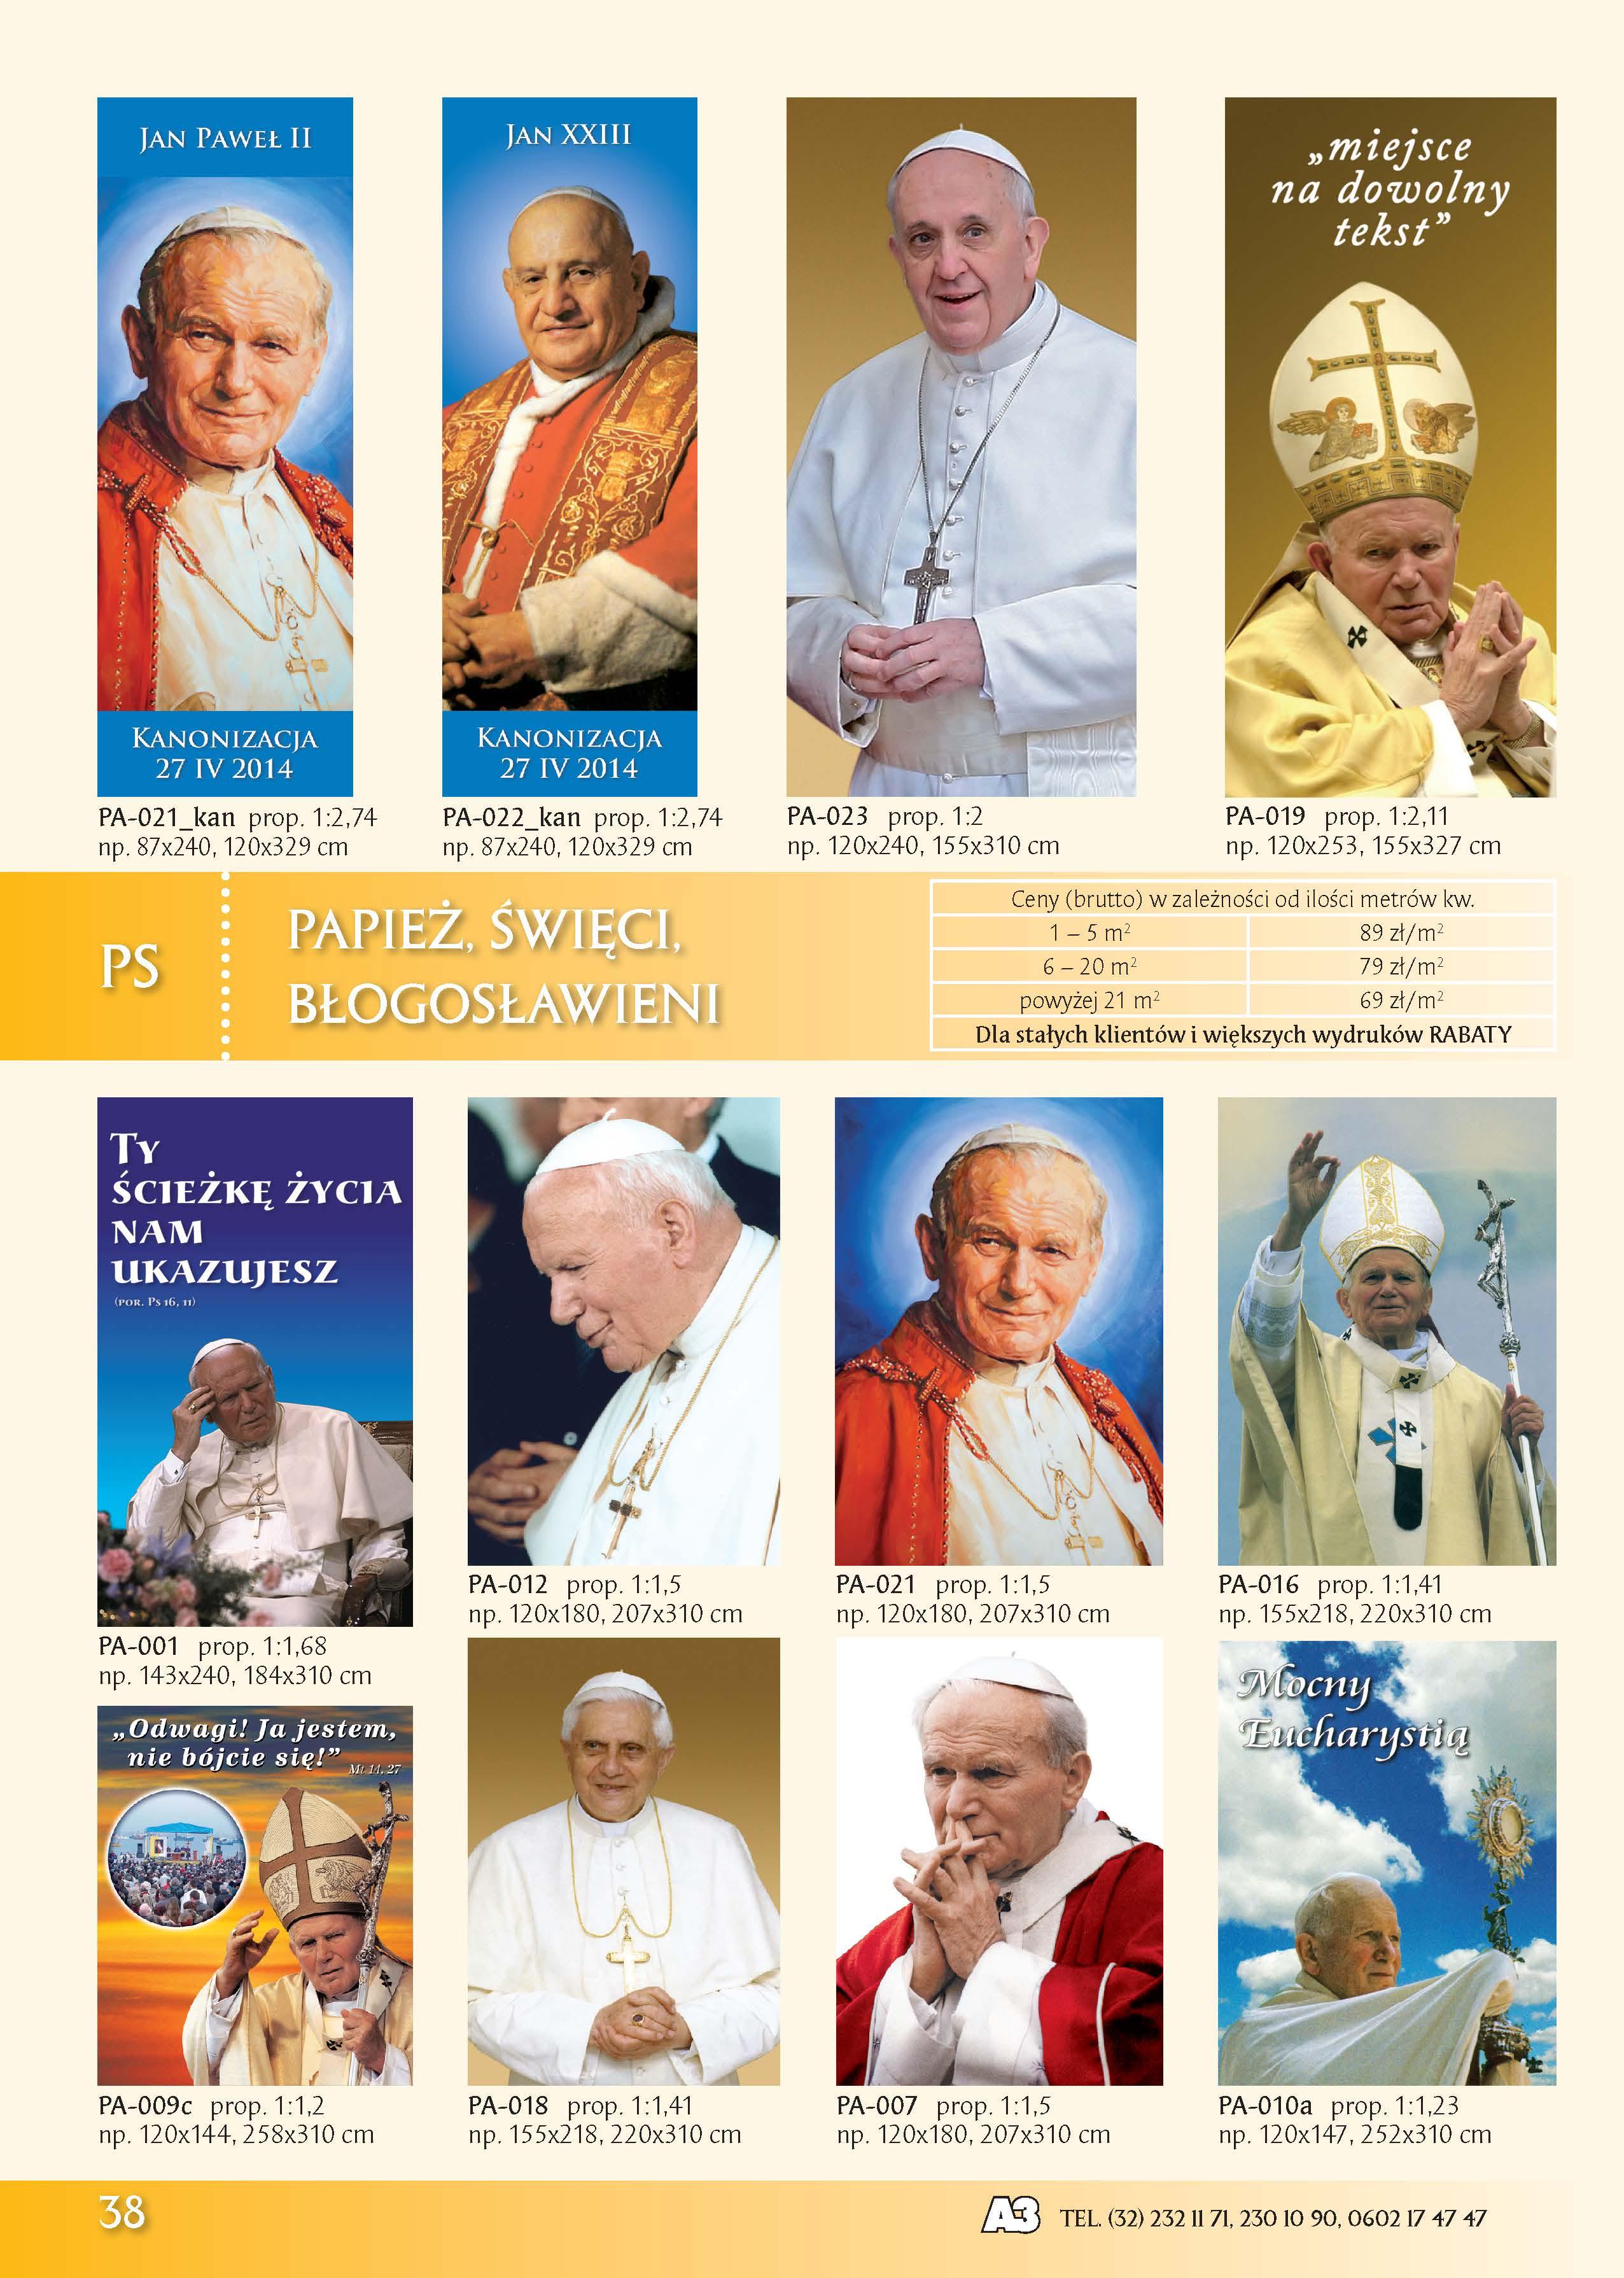 Banery z Papieżem, Świętymi, Błogosławionym